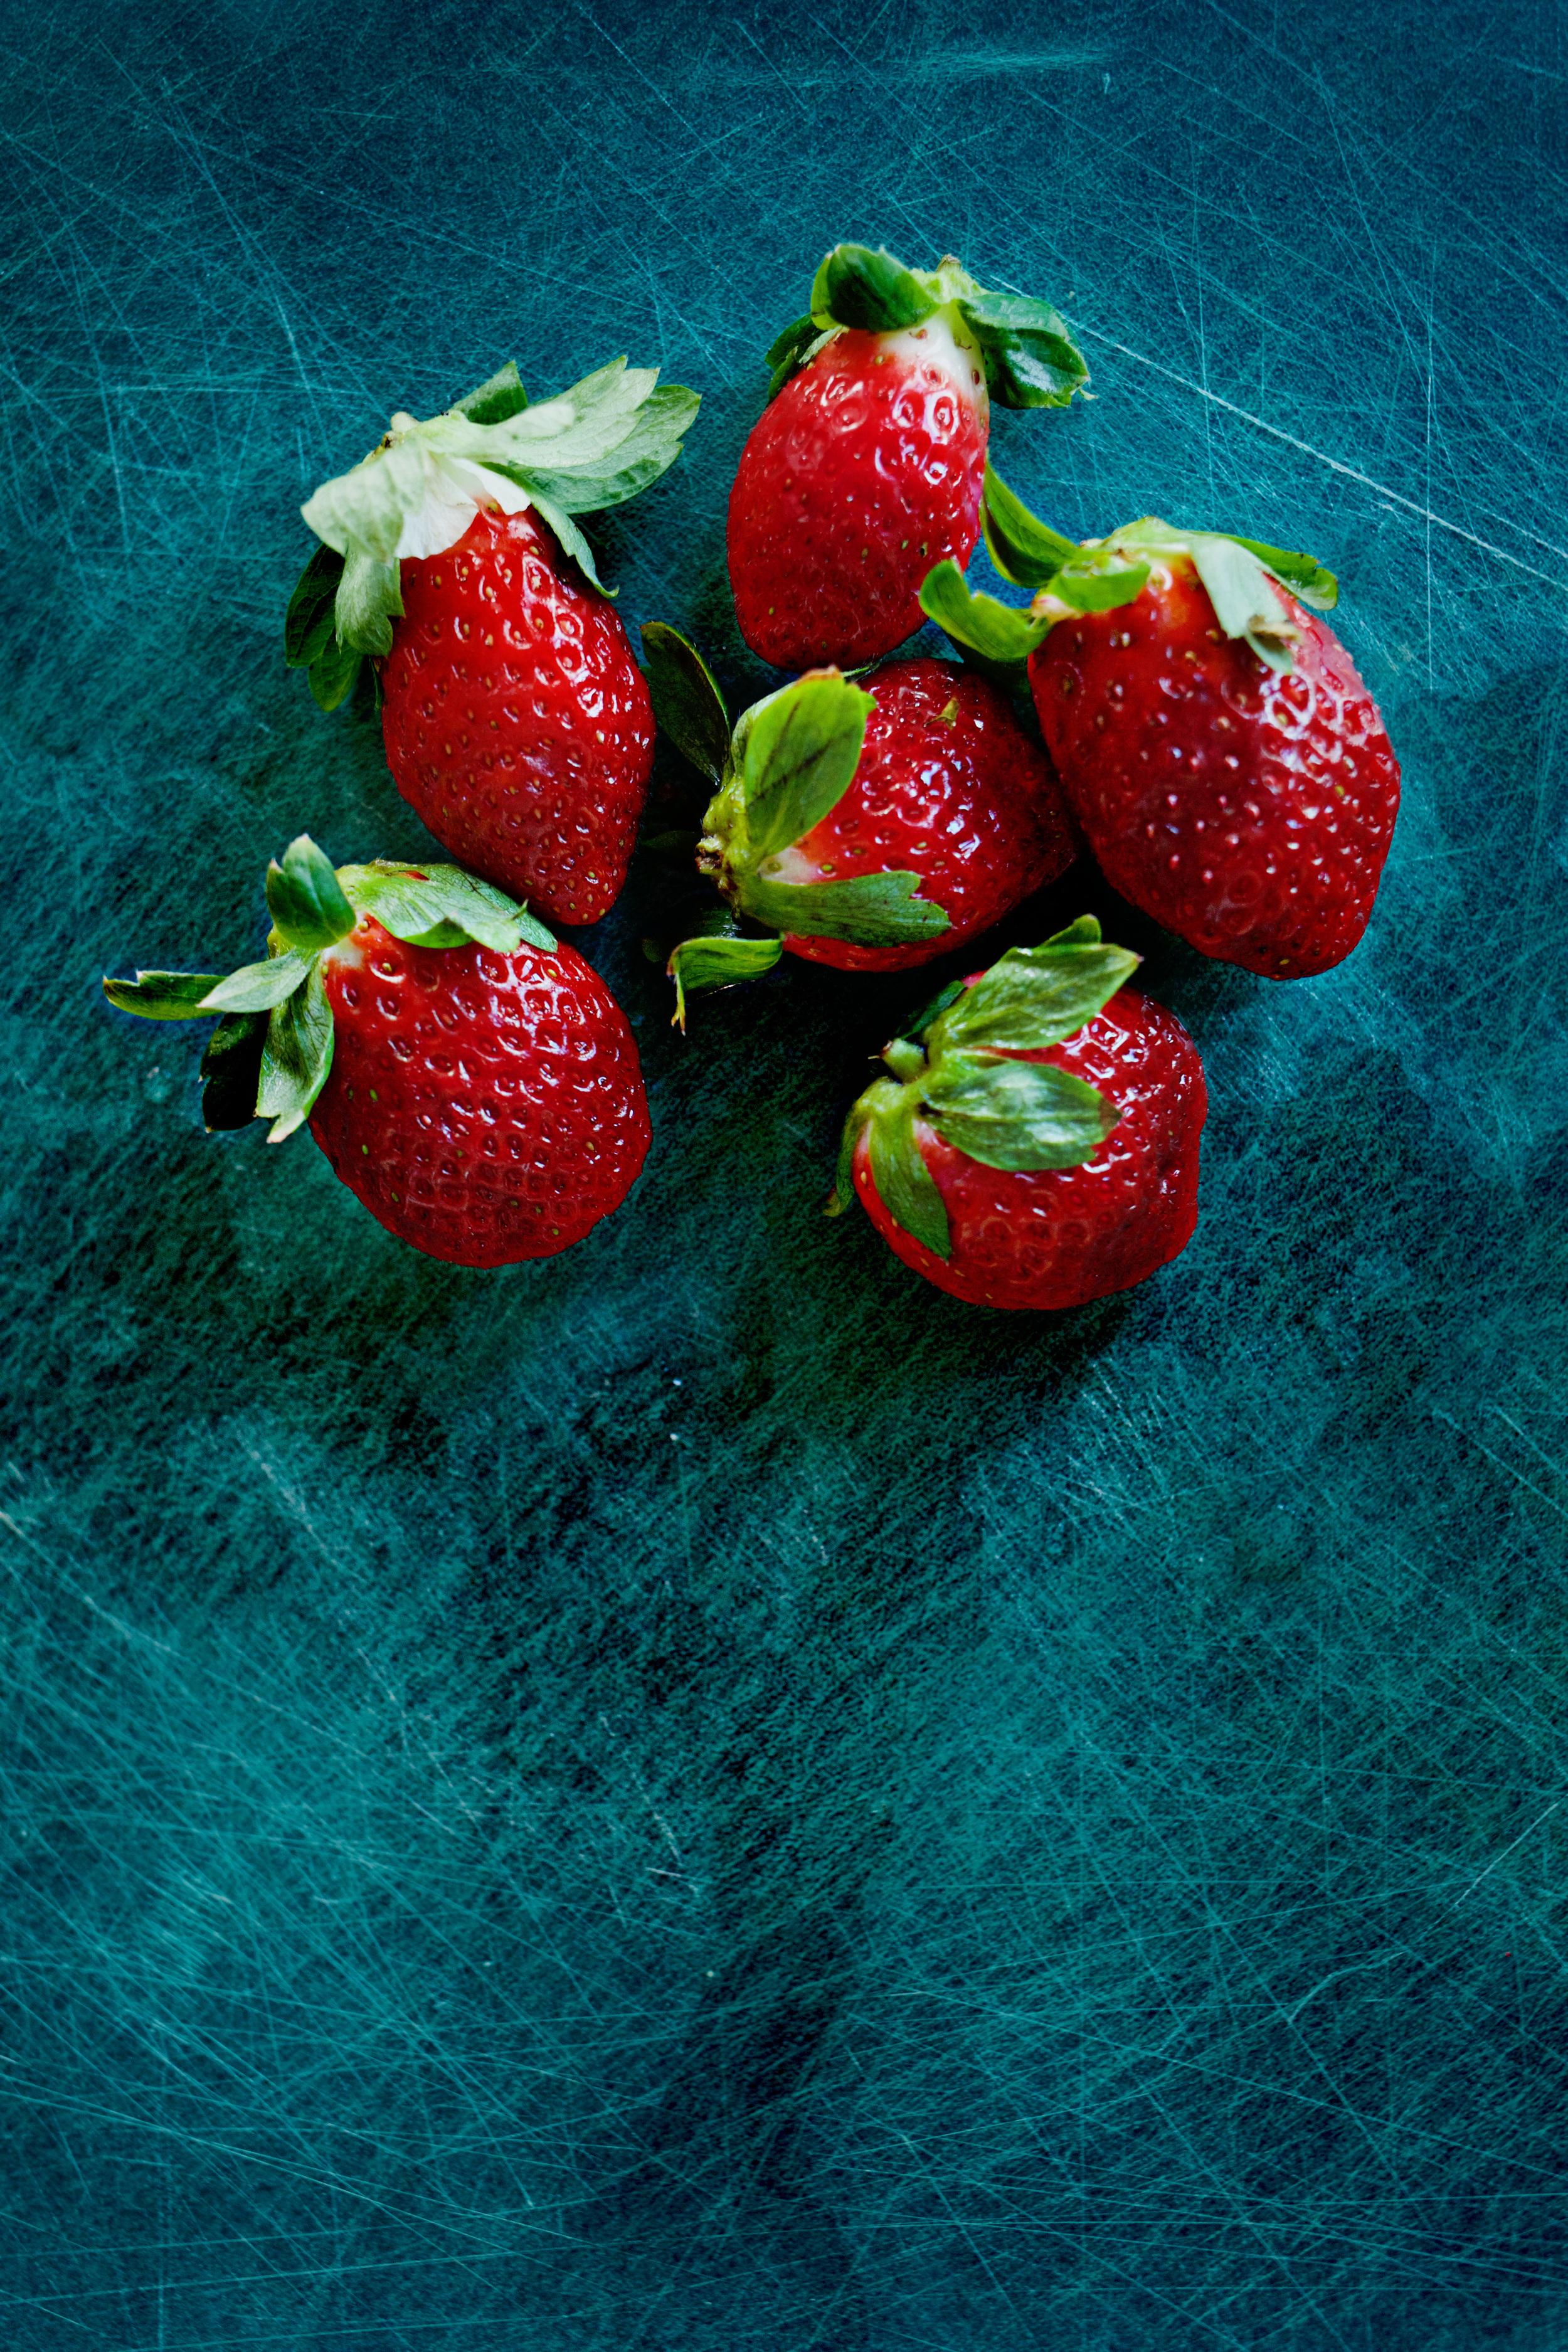 Strawberries02.jpg